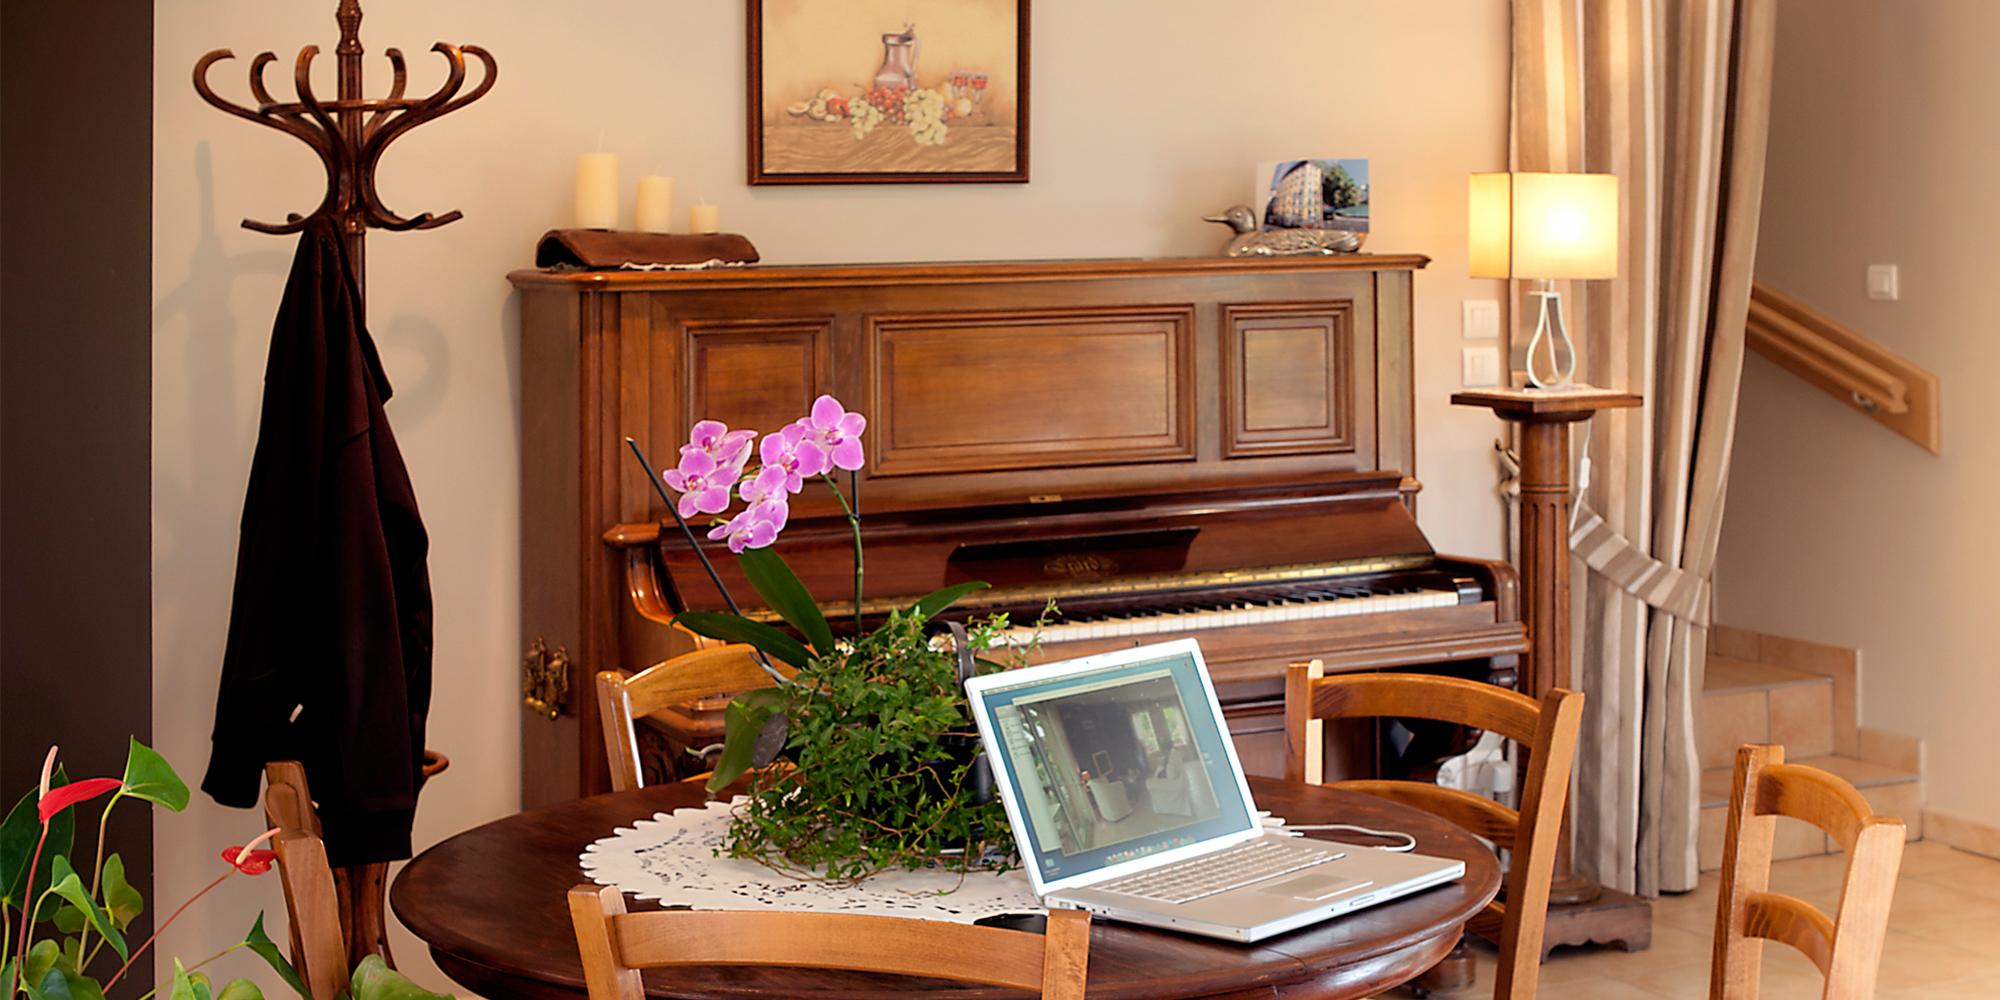 ESPACES-ORDI-PIANO